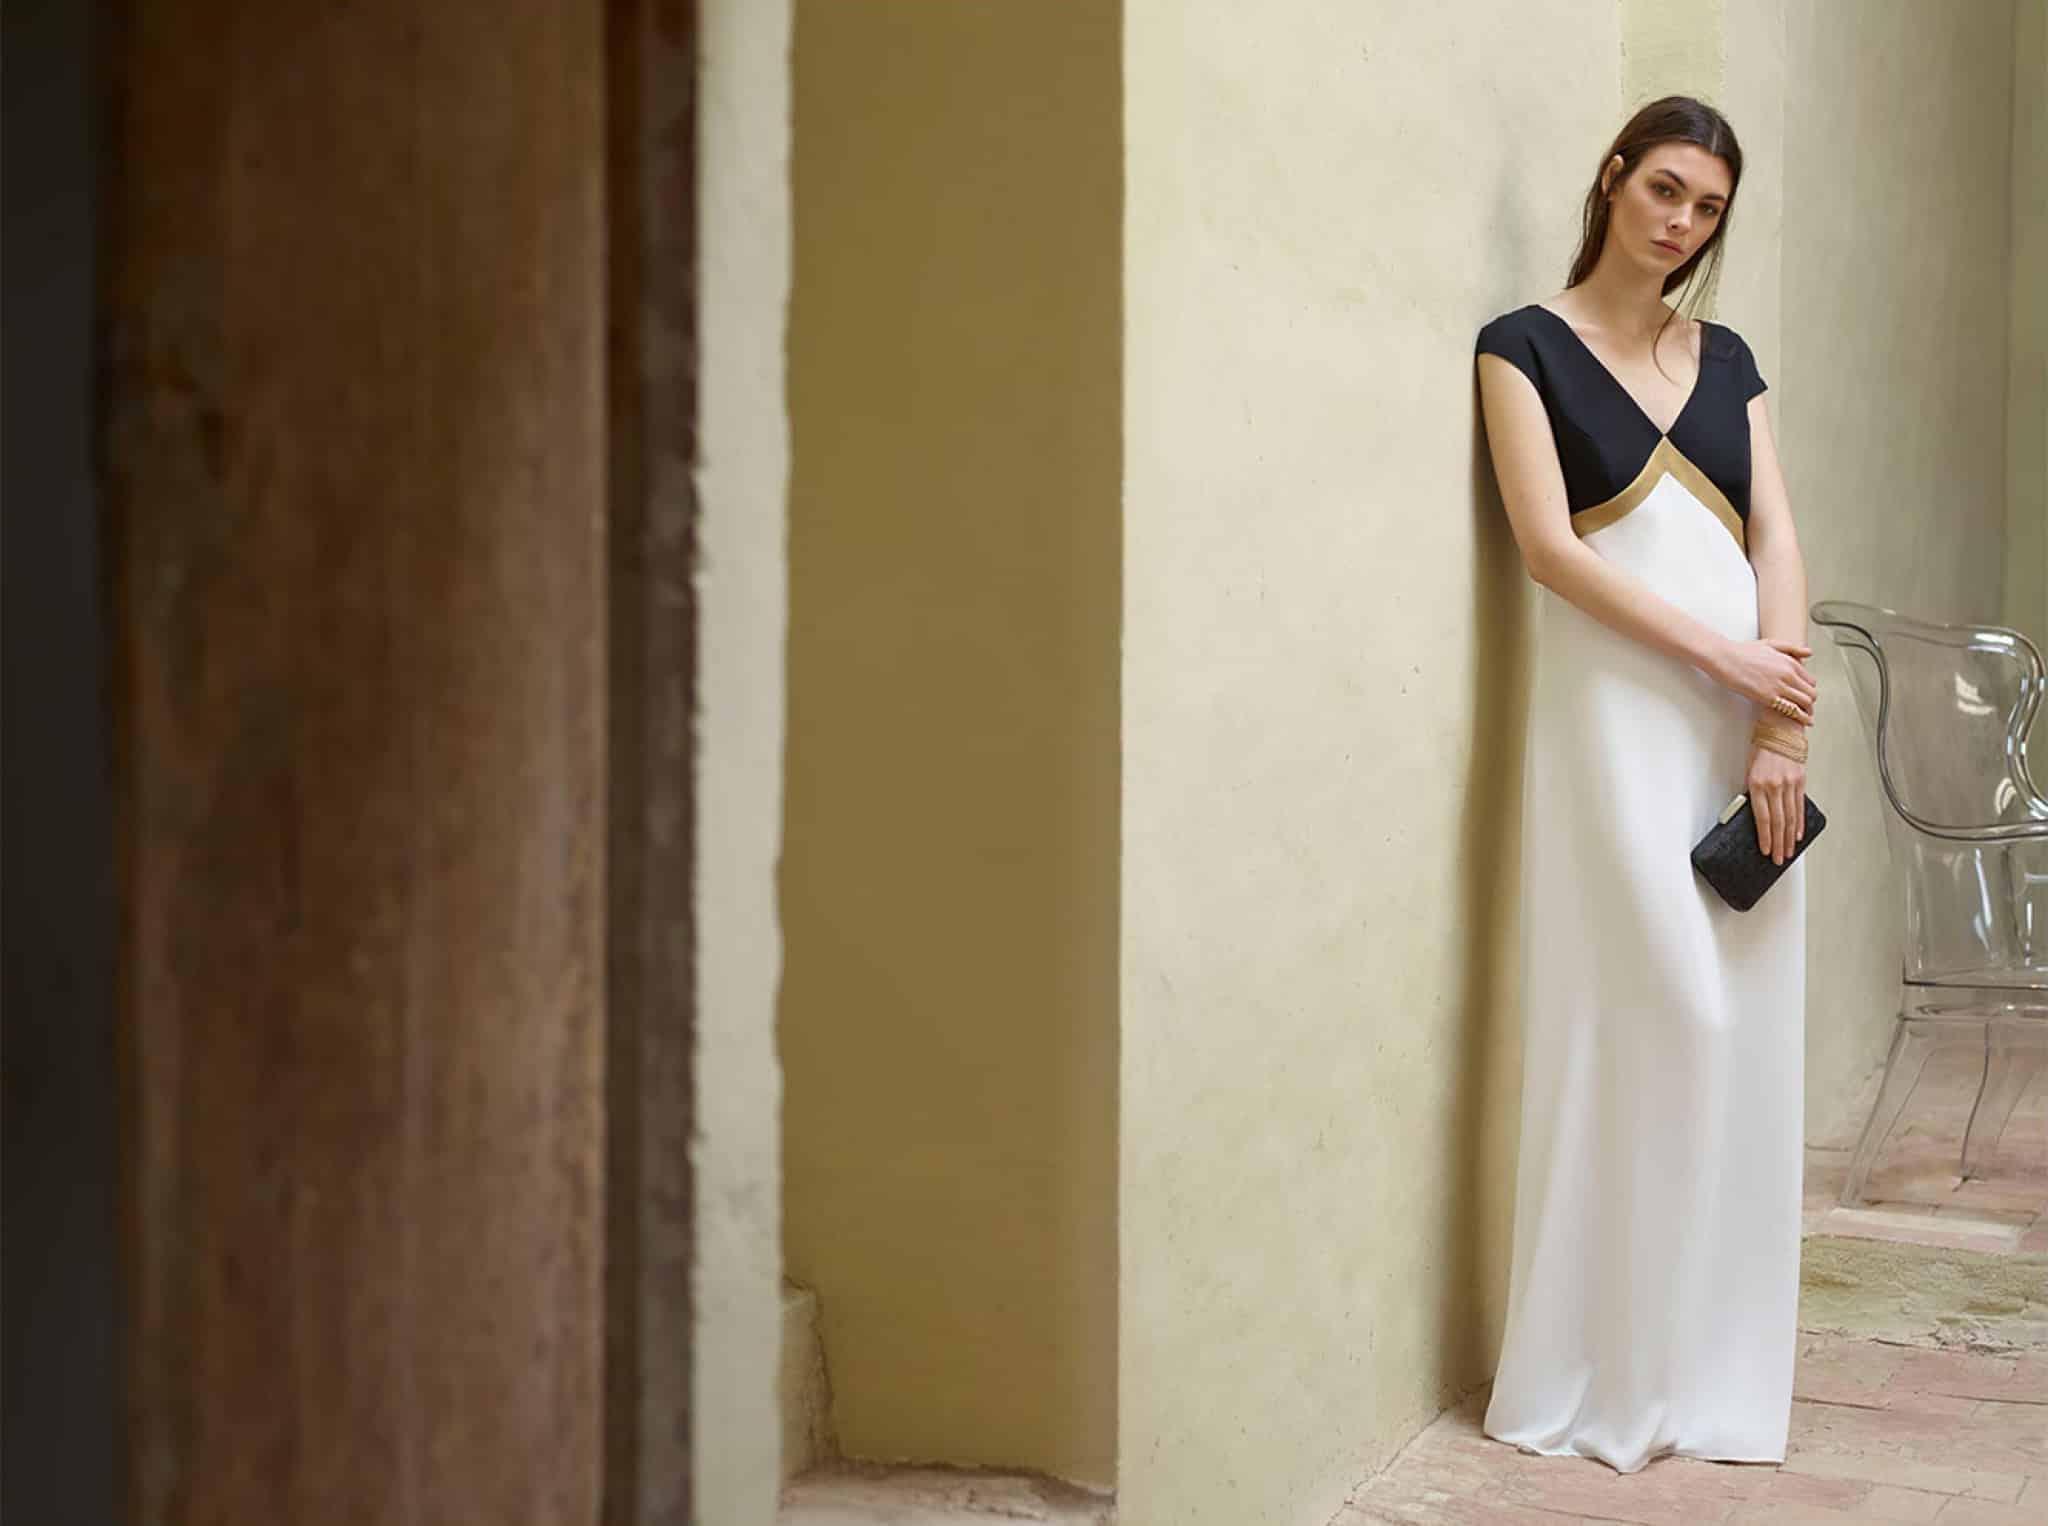 8a70adedf4b26 5 conseils pour choisir sa robe d invitée à un mariage